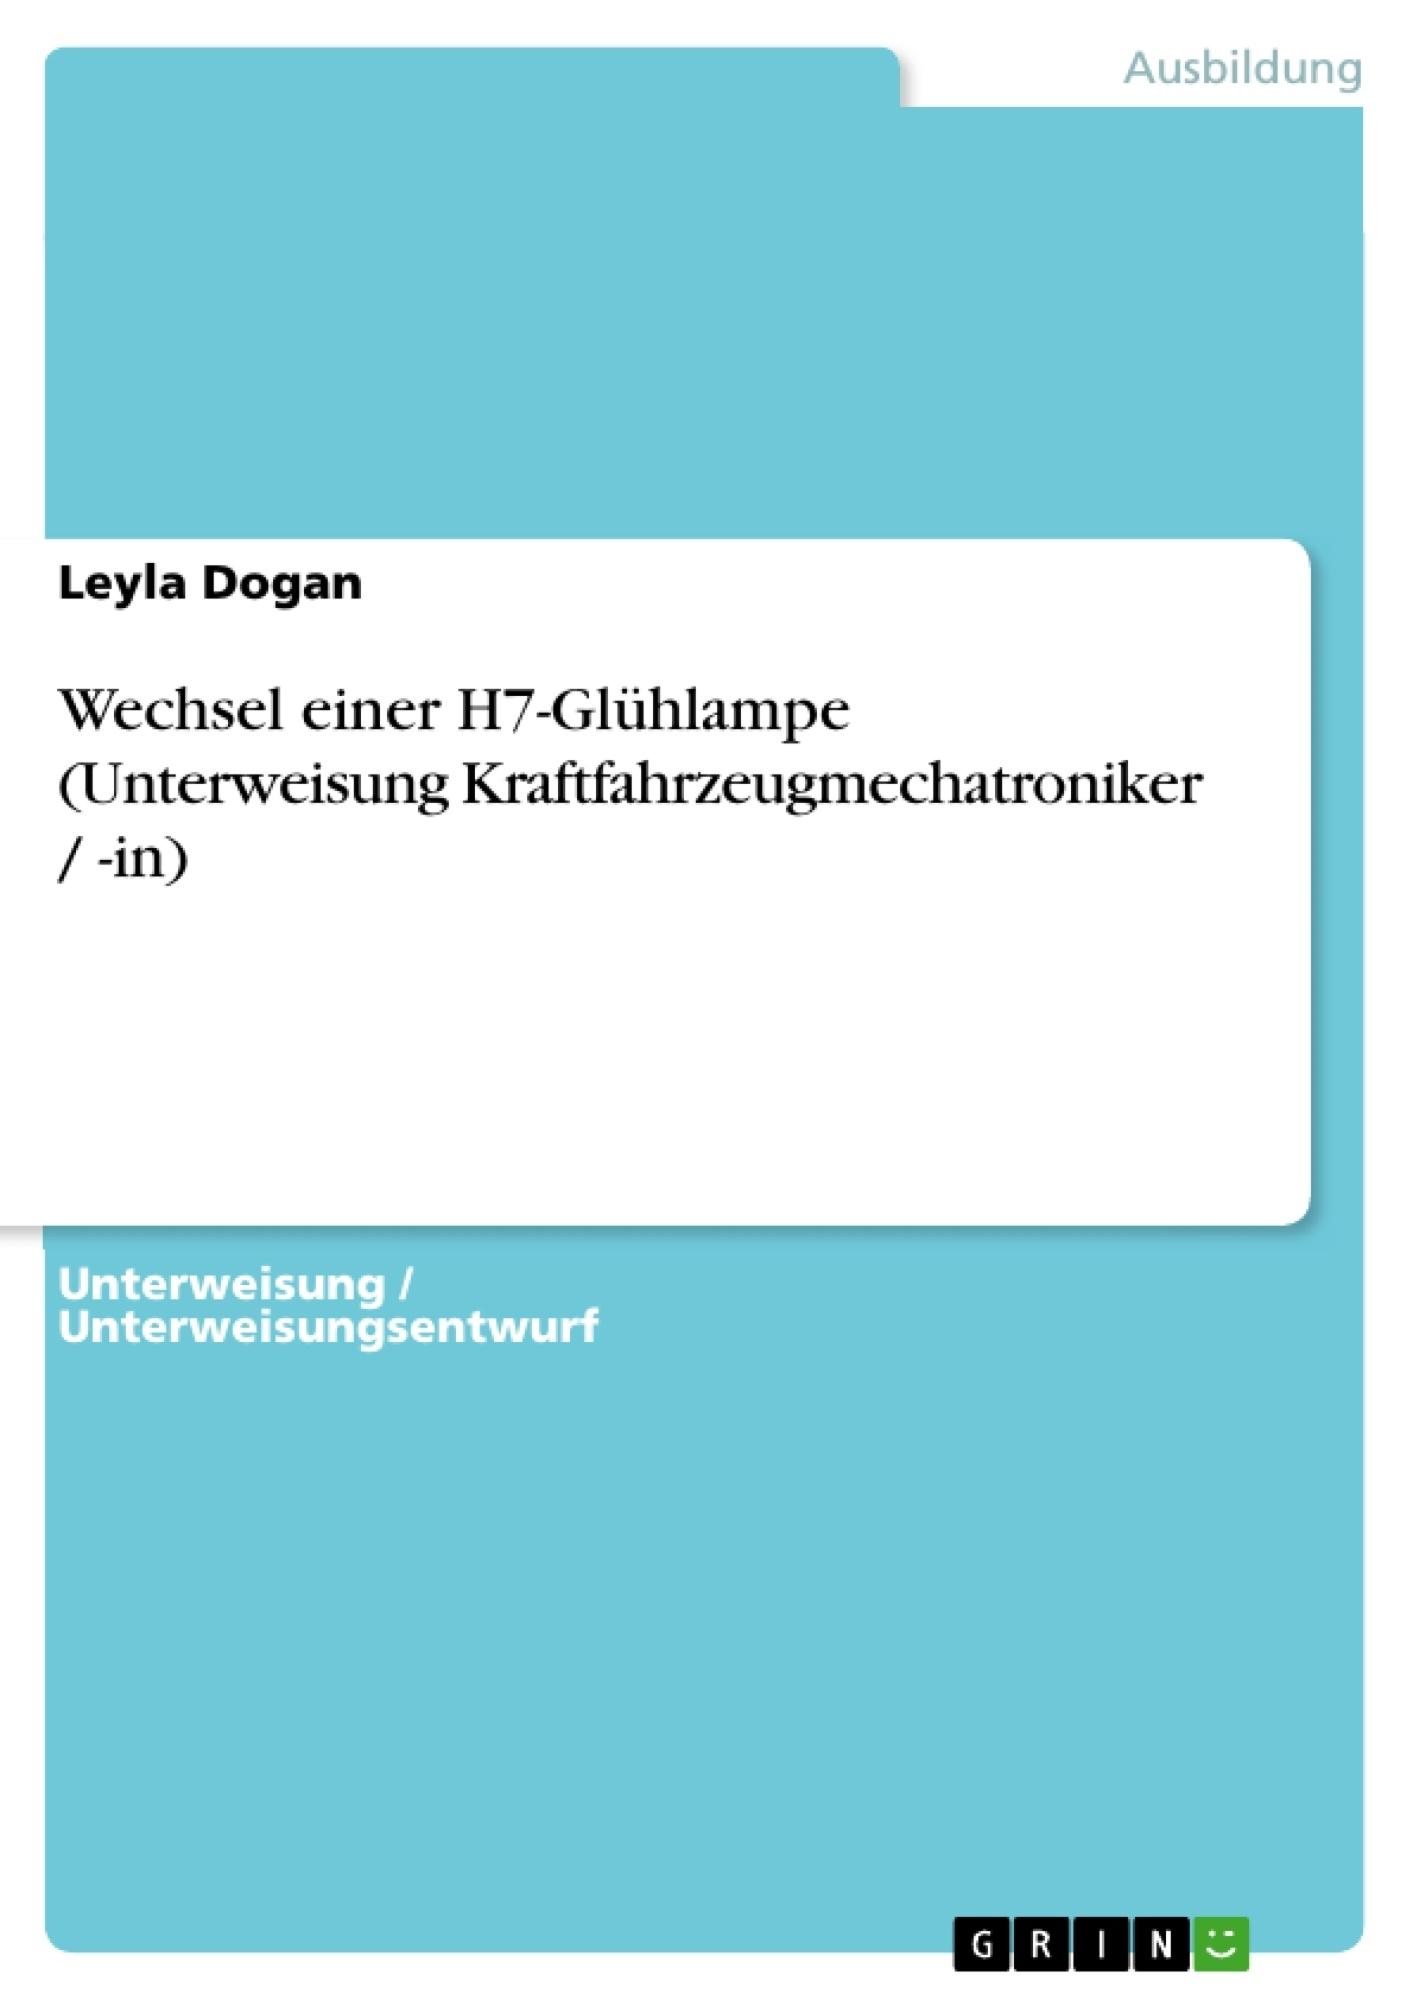 Titel: Wechsel einer H7-Glühlampe (Unterweisung Kraftfahrzeugmechatroniker / -in)